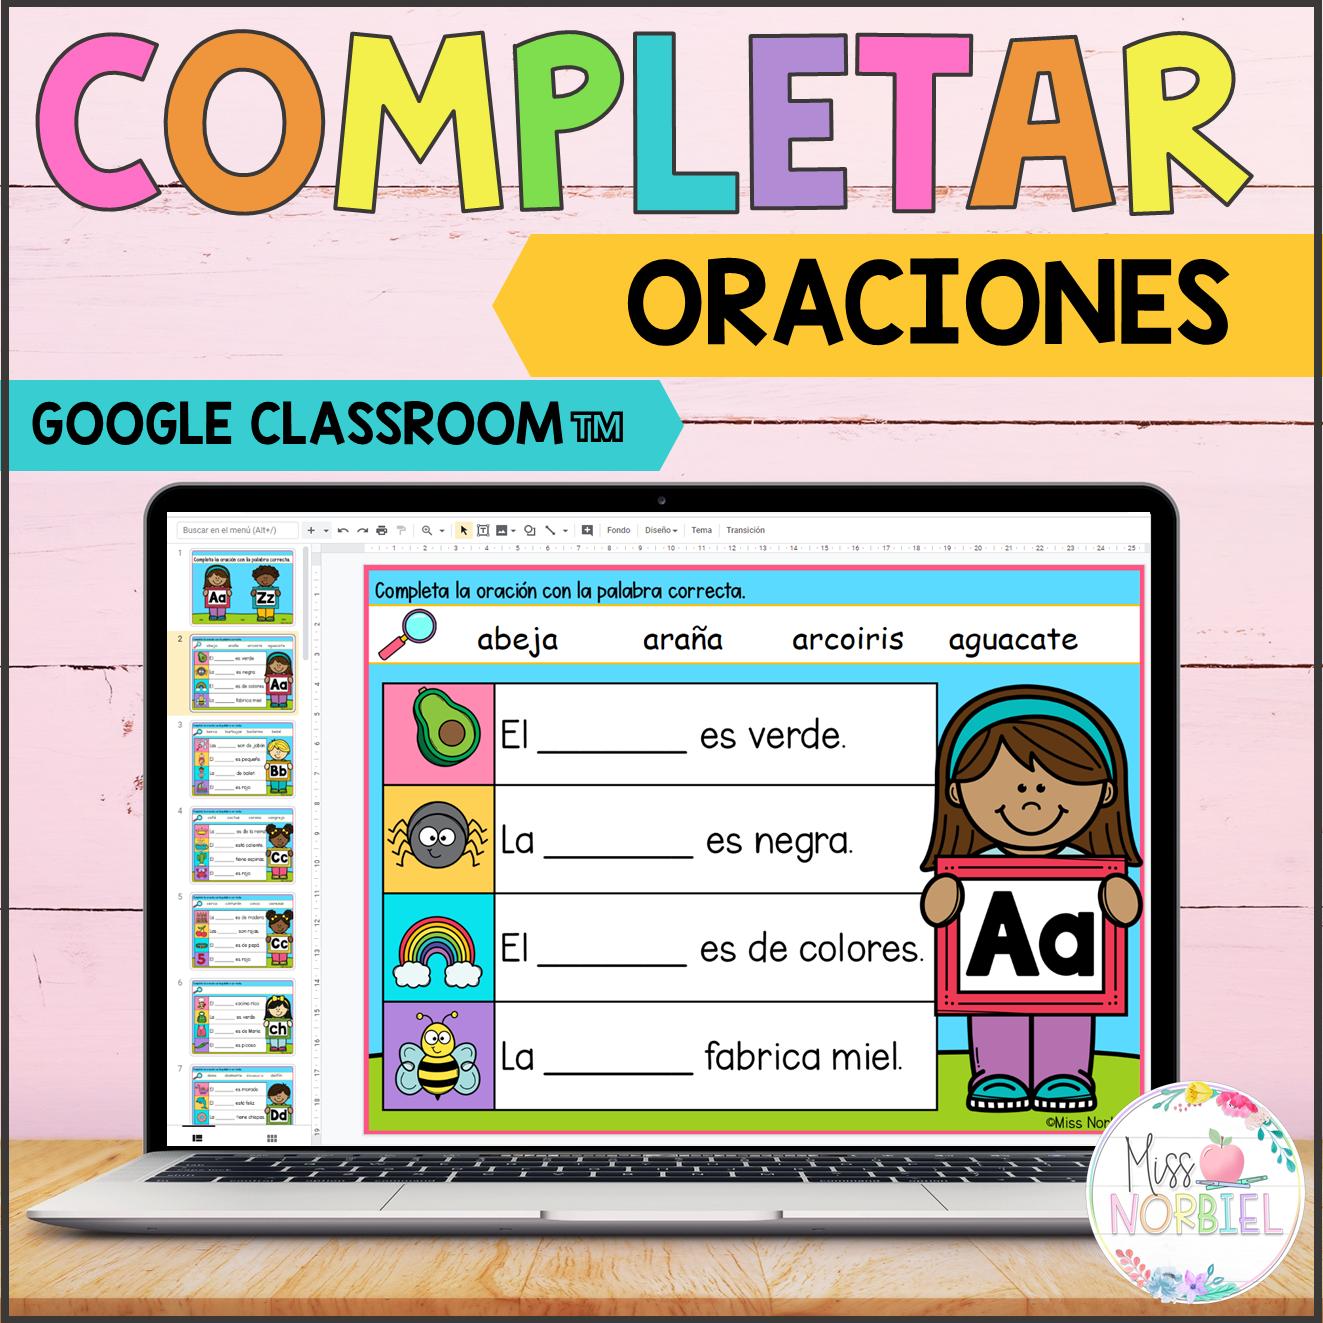 Completar Oraciones Para Google Classroom Completa La Oracion Complete The Sentence In Spanish Google Classroom Teacher Resources Sentences